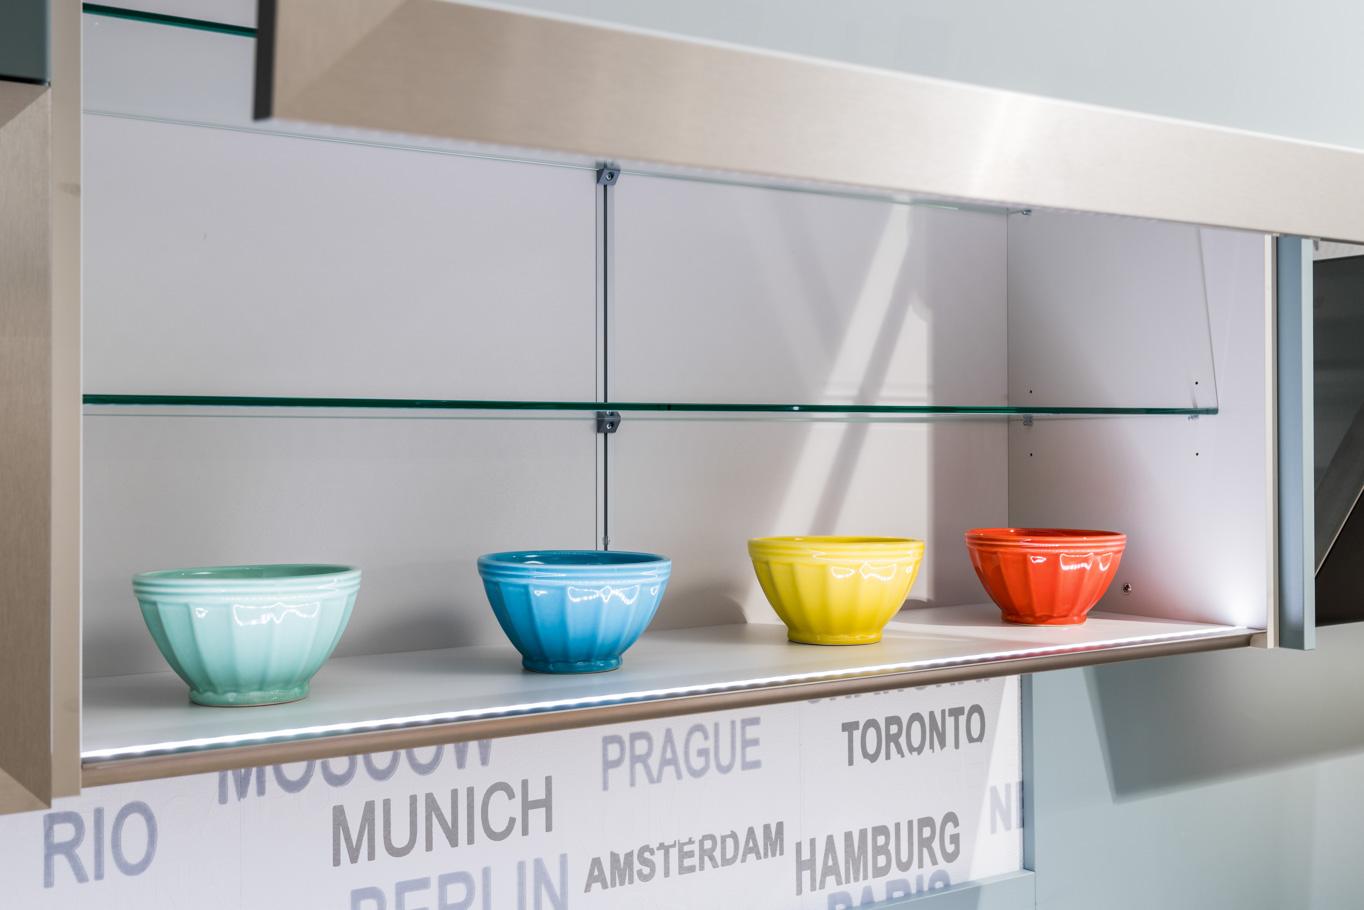 Weisser Küchenstudio Showroom bunte Schalen in einem Regal